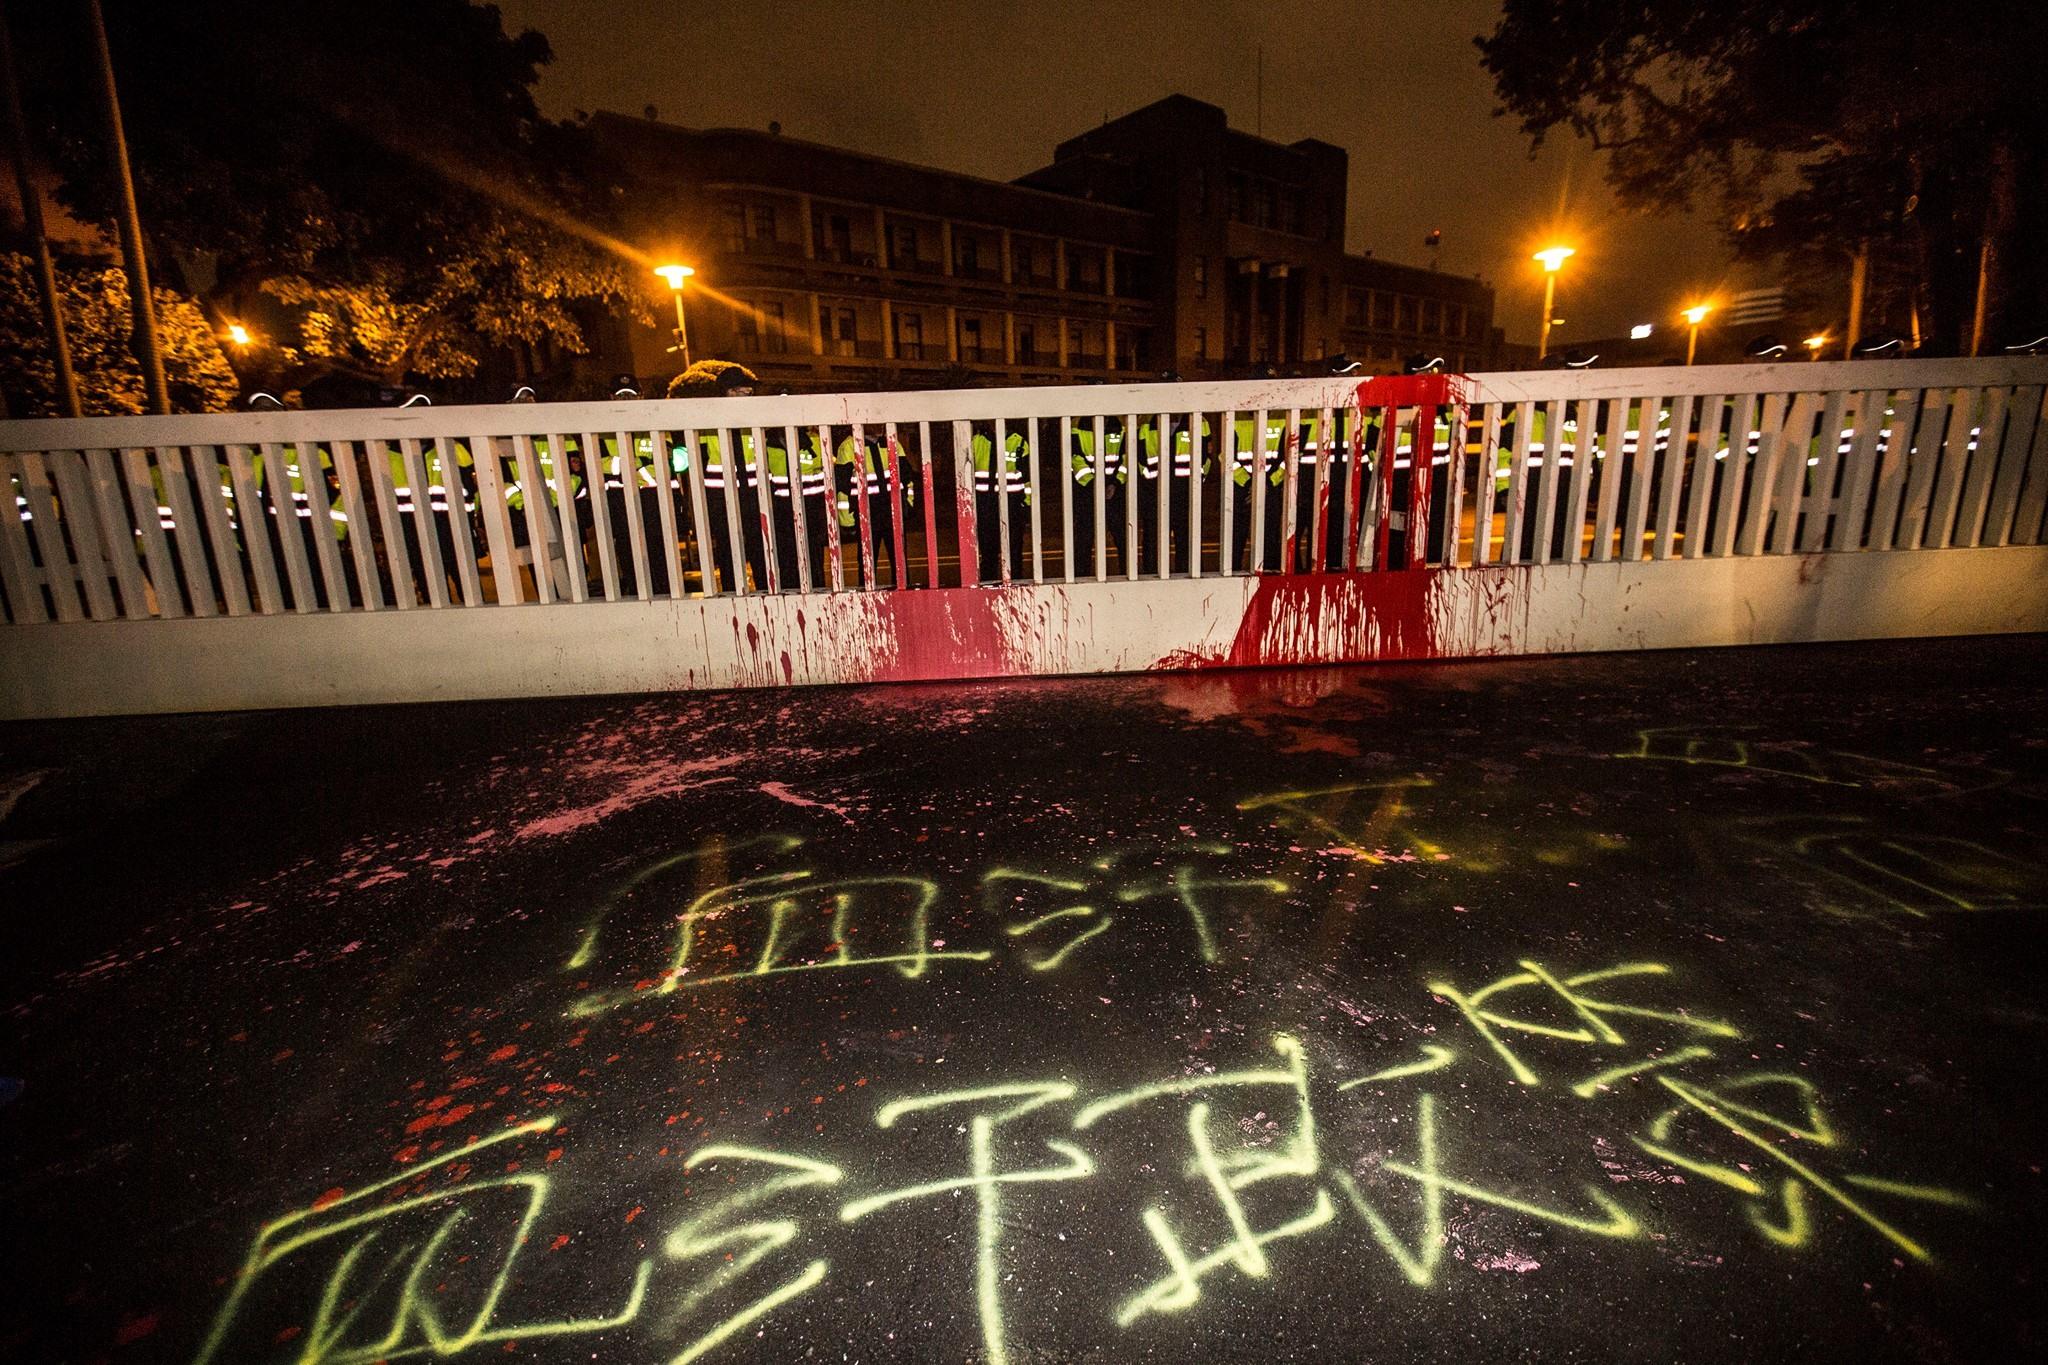 行政院前的「血汗休法」字樣。(照片提供:工鬥)